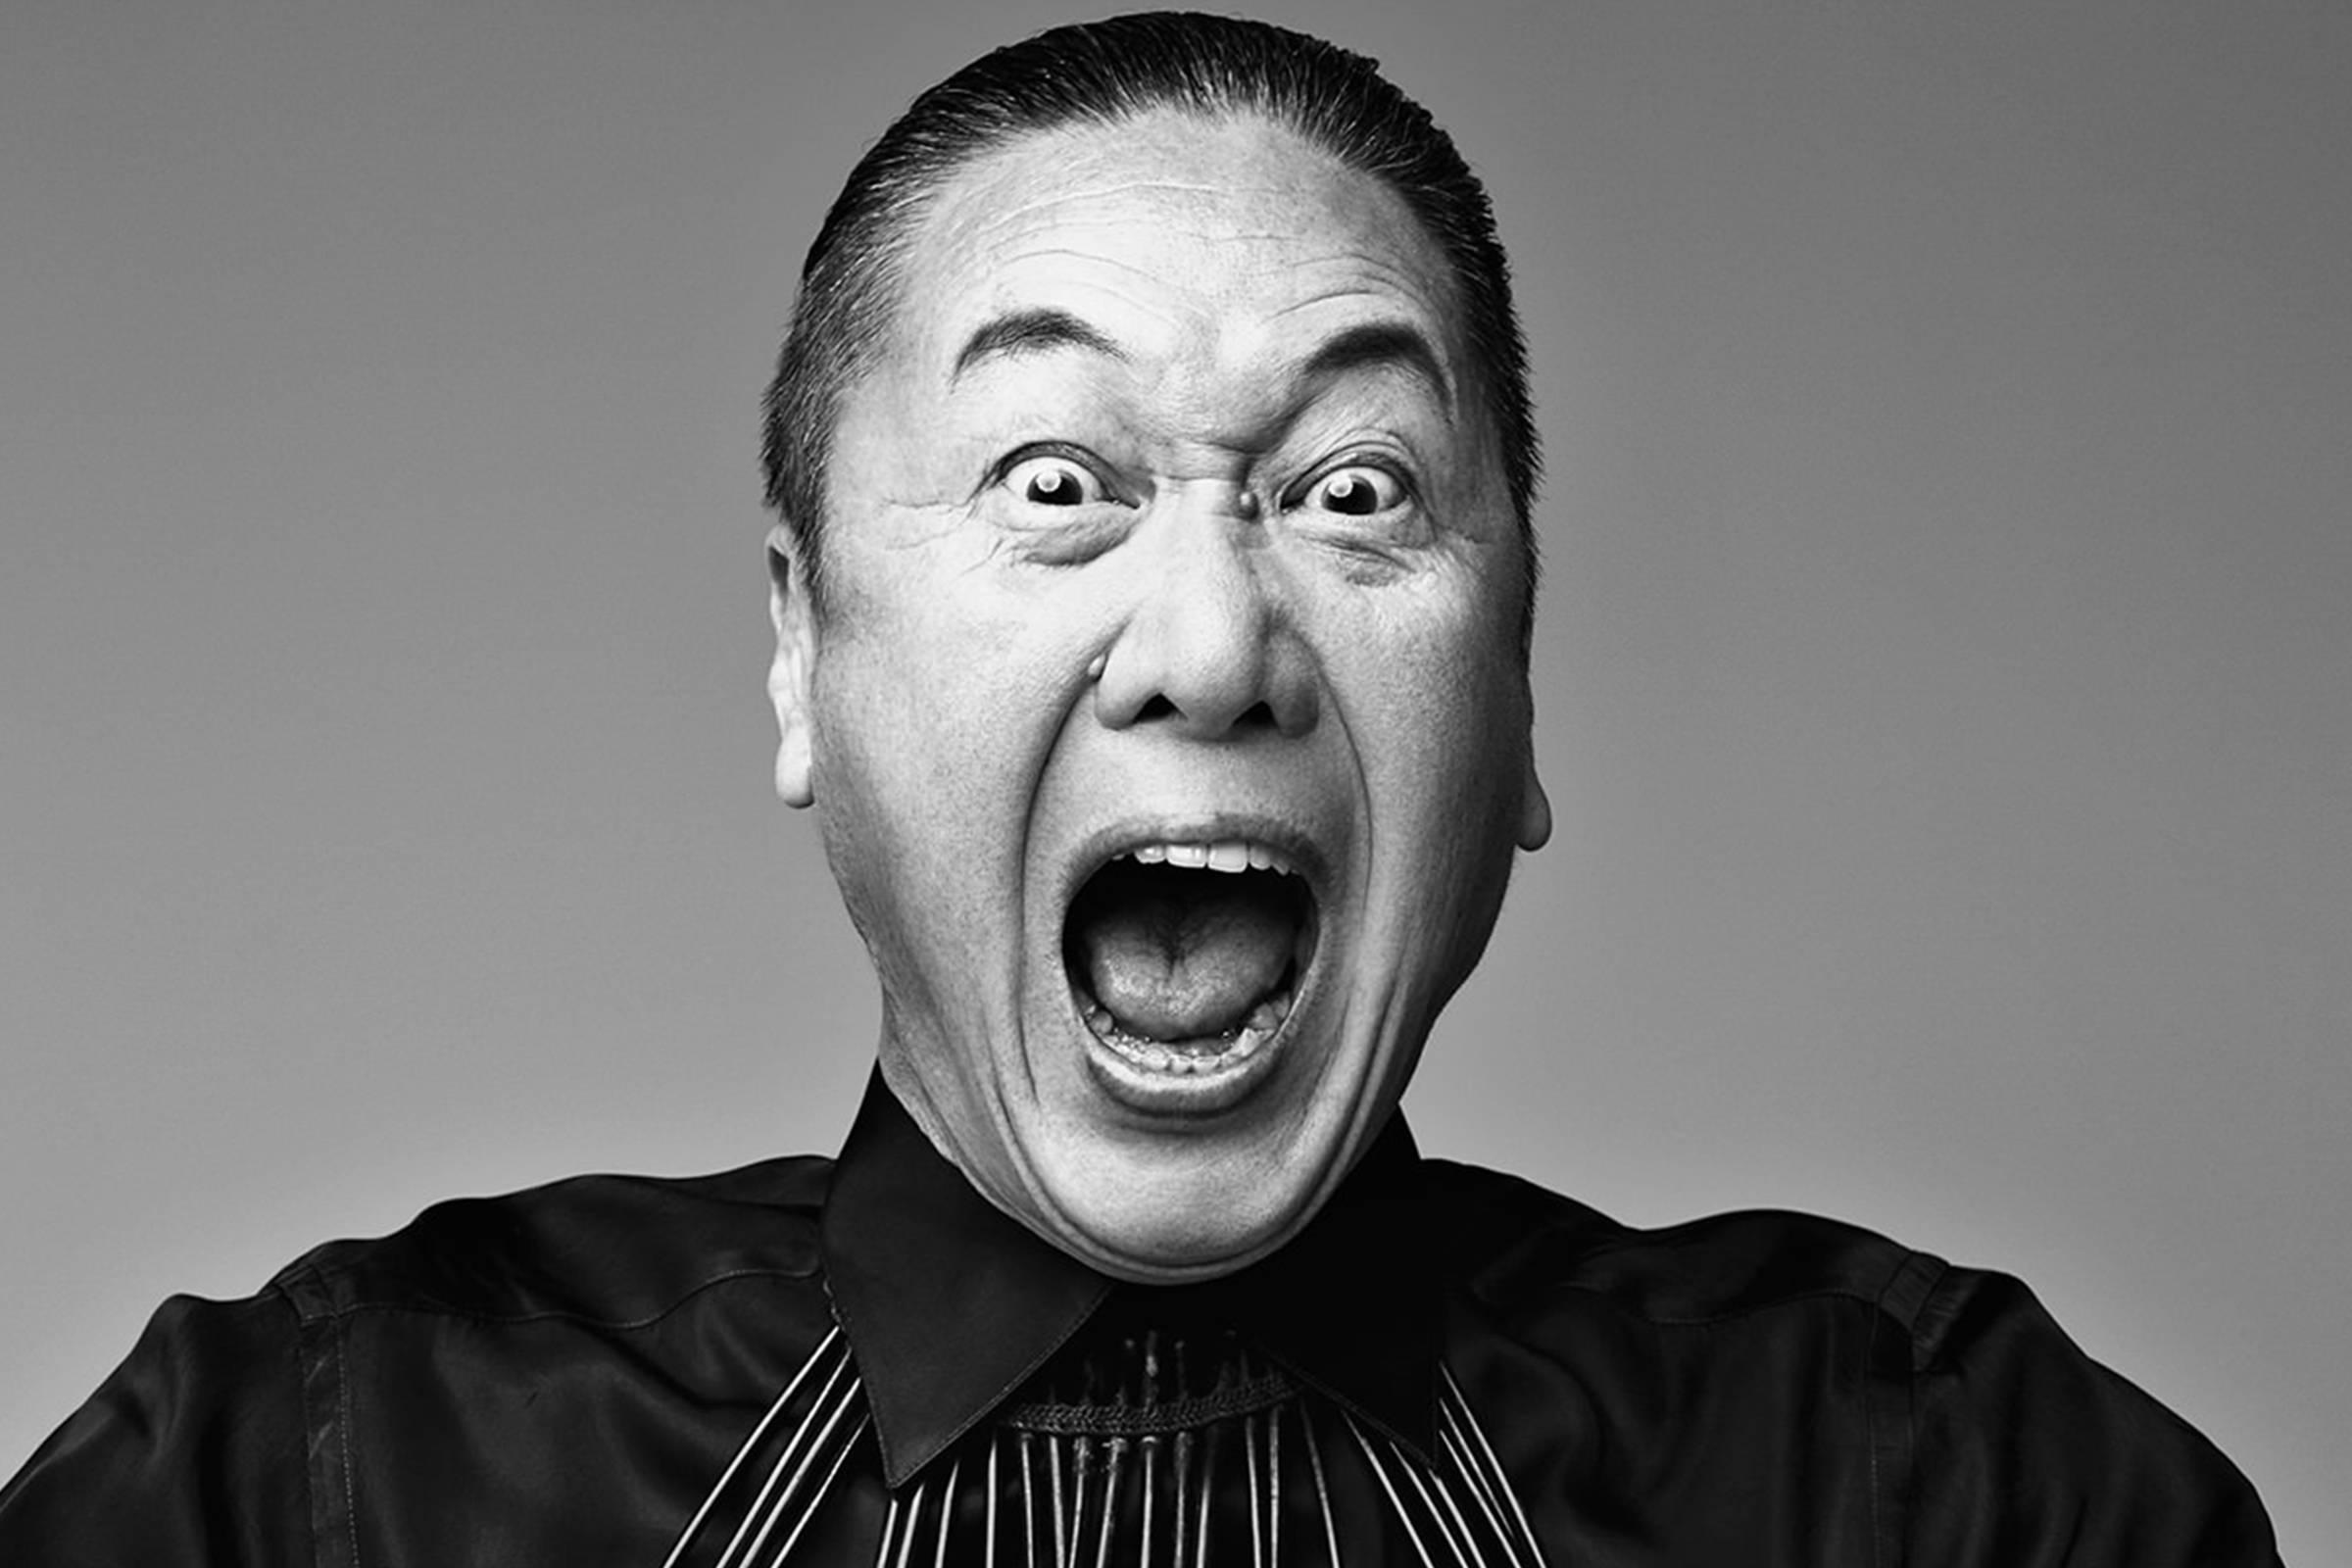 Kansai Yamamoto in the late '90s